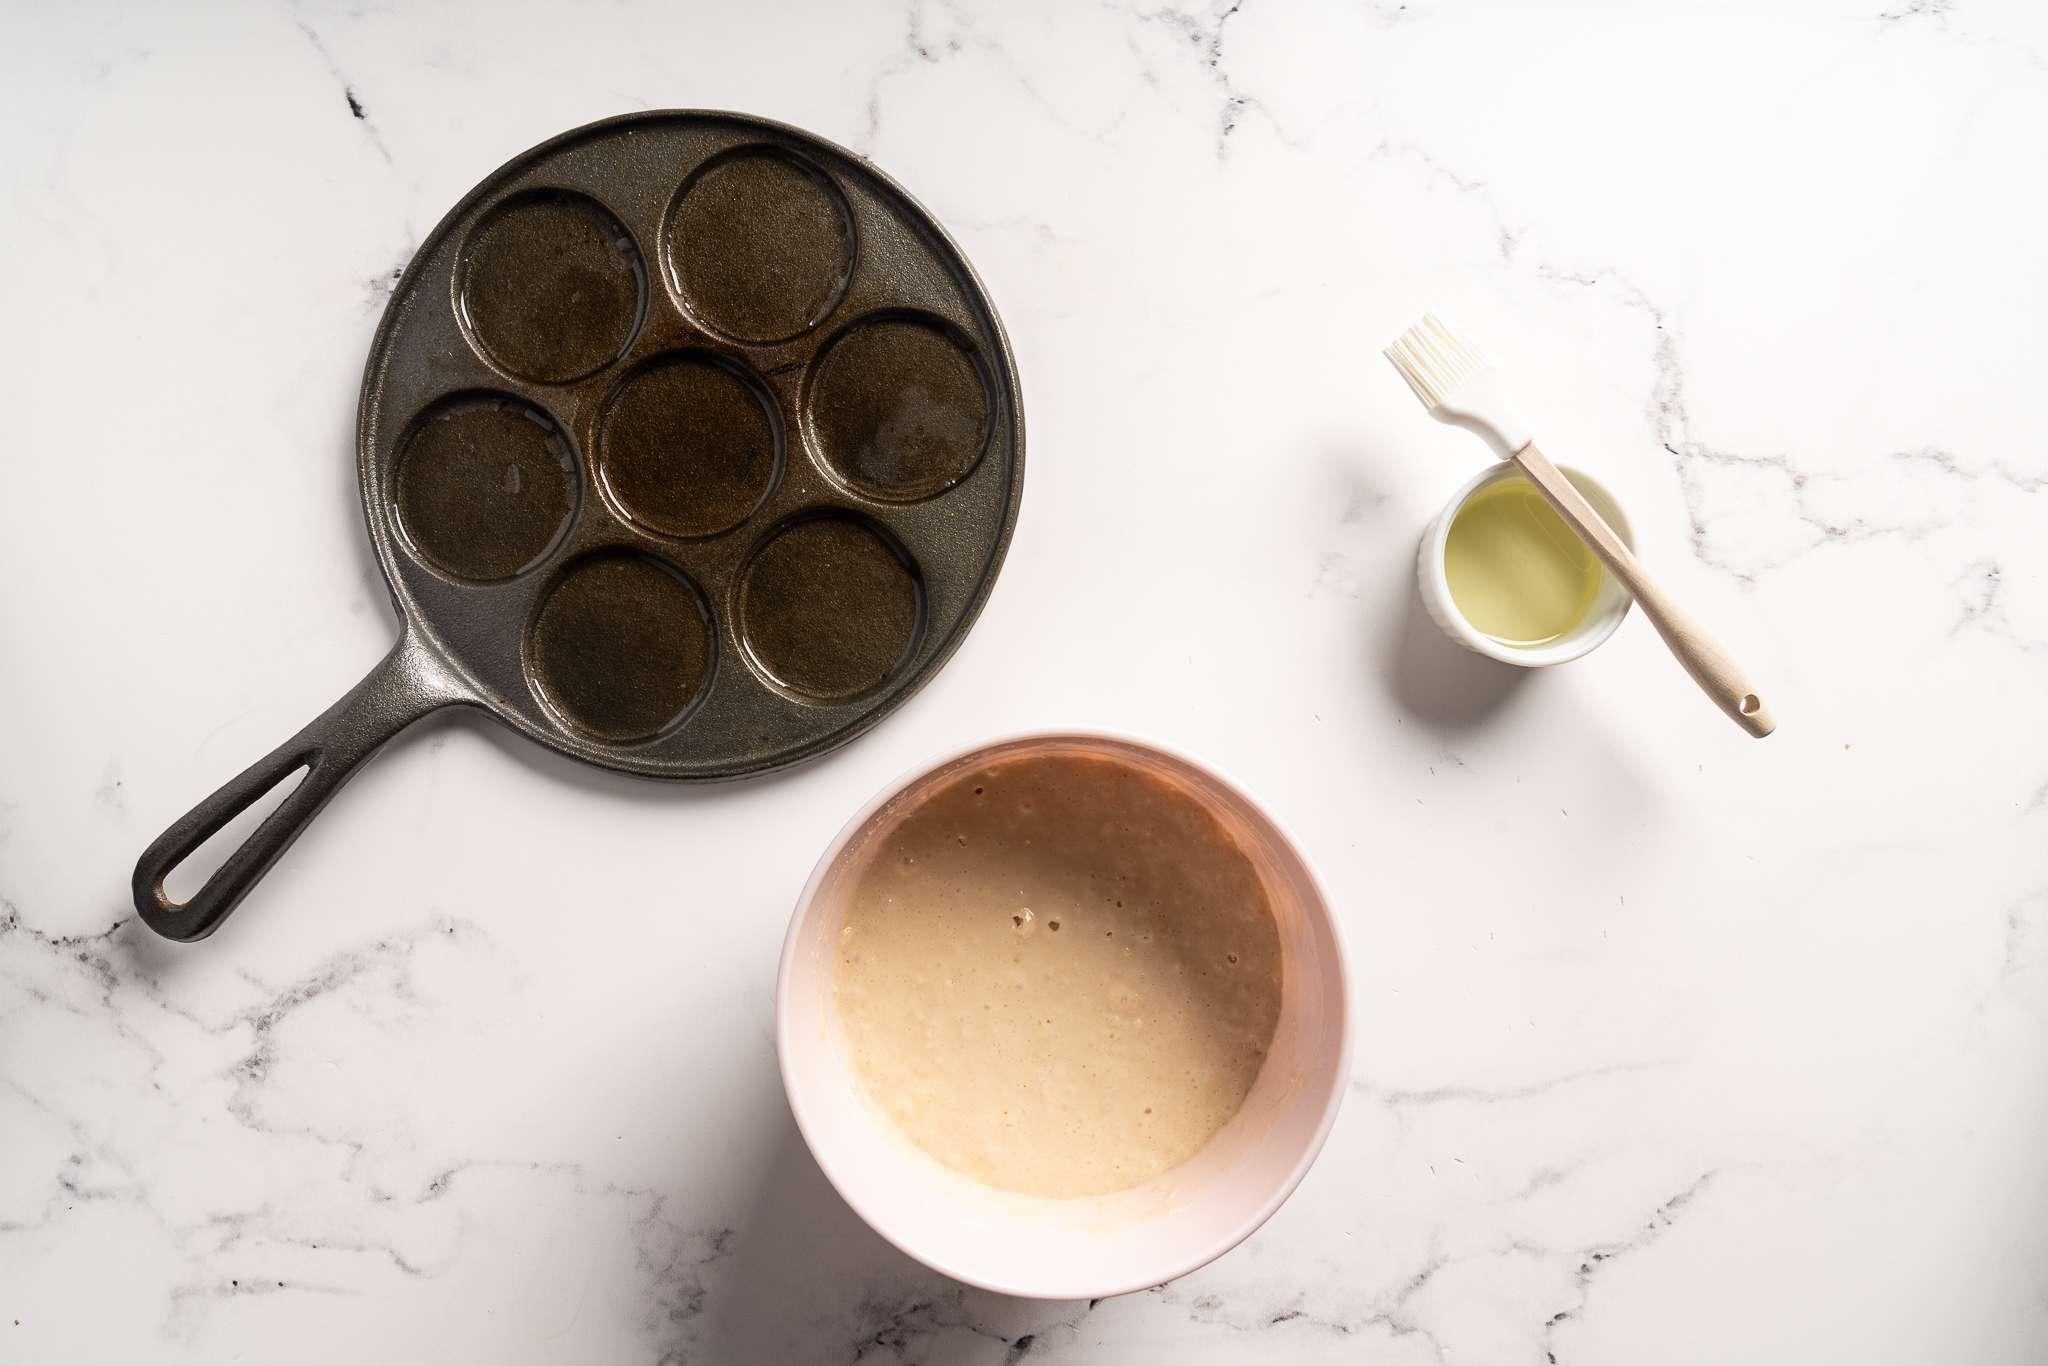 Silver dollar pancakes batter and silver dollar pancake pan